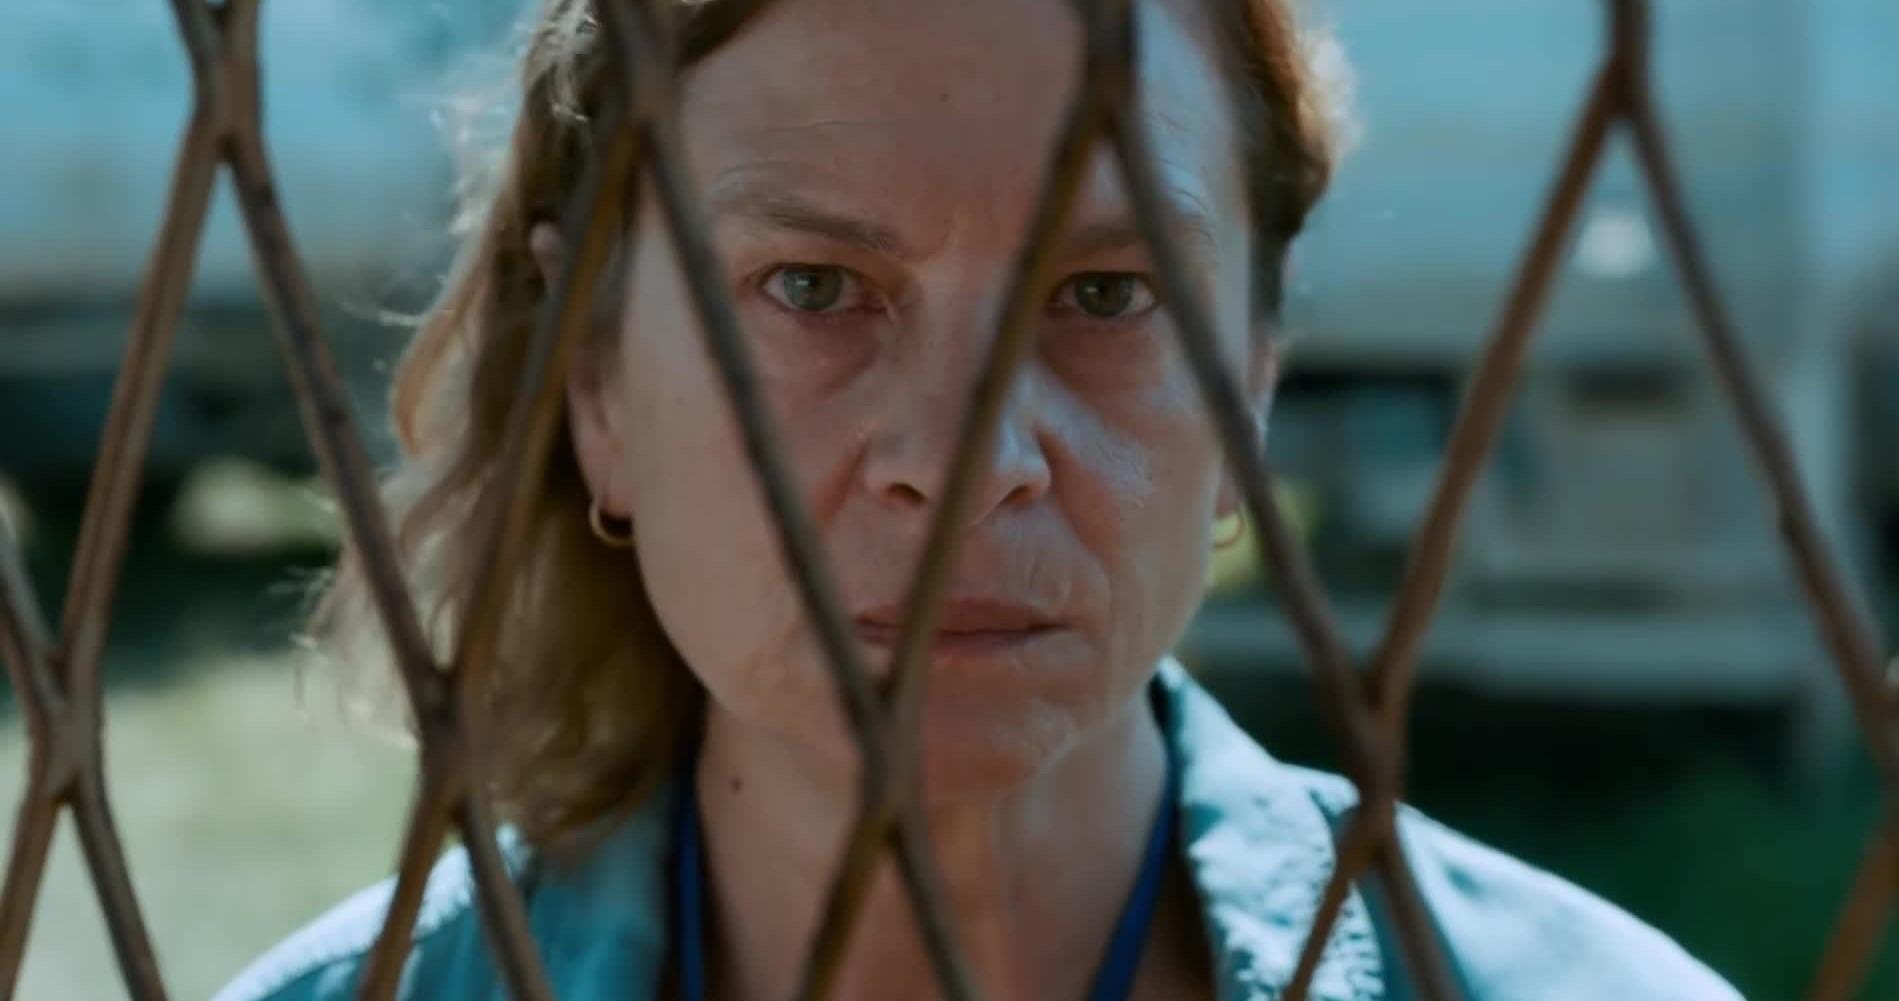 Cena do filme Quo Vadis, Aida?. Ao centro da imagem, vemos Aida, uma mulher branca aparentando ter cerca de 60 anos, de cabelos loiros escuros na altura do ombro e olhos verdes, encarando a câmera por trás de grades.